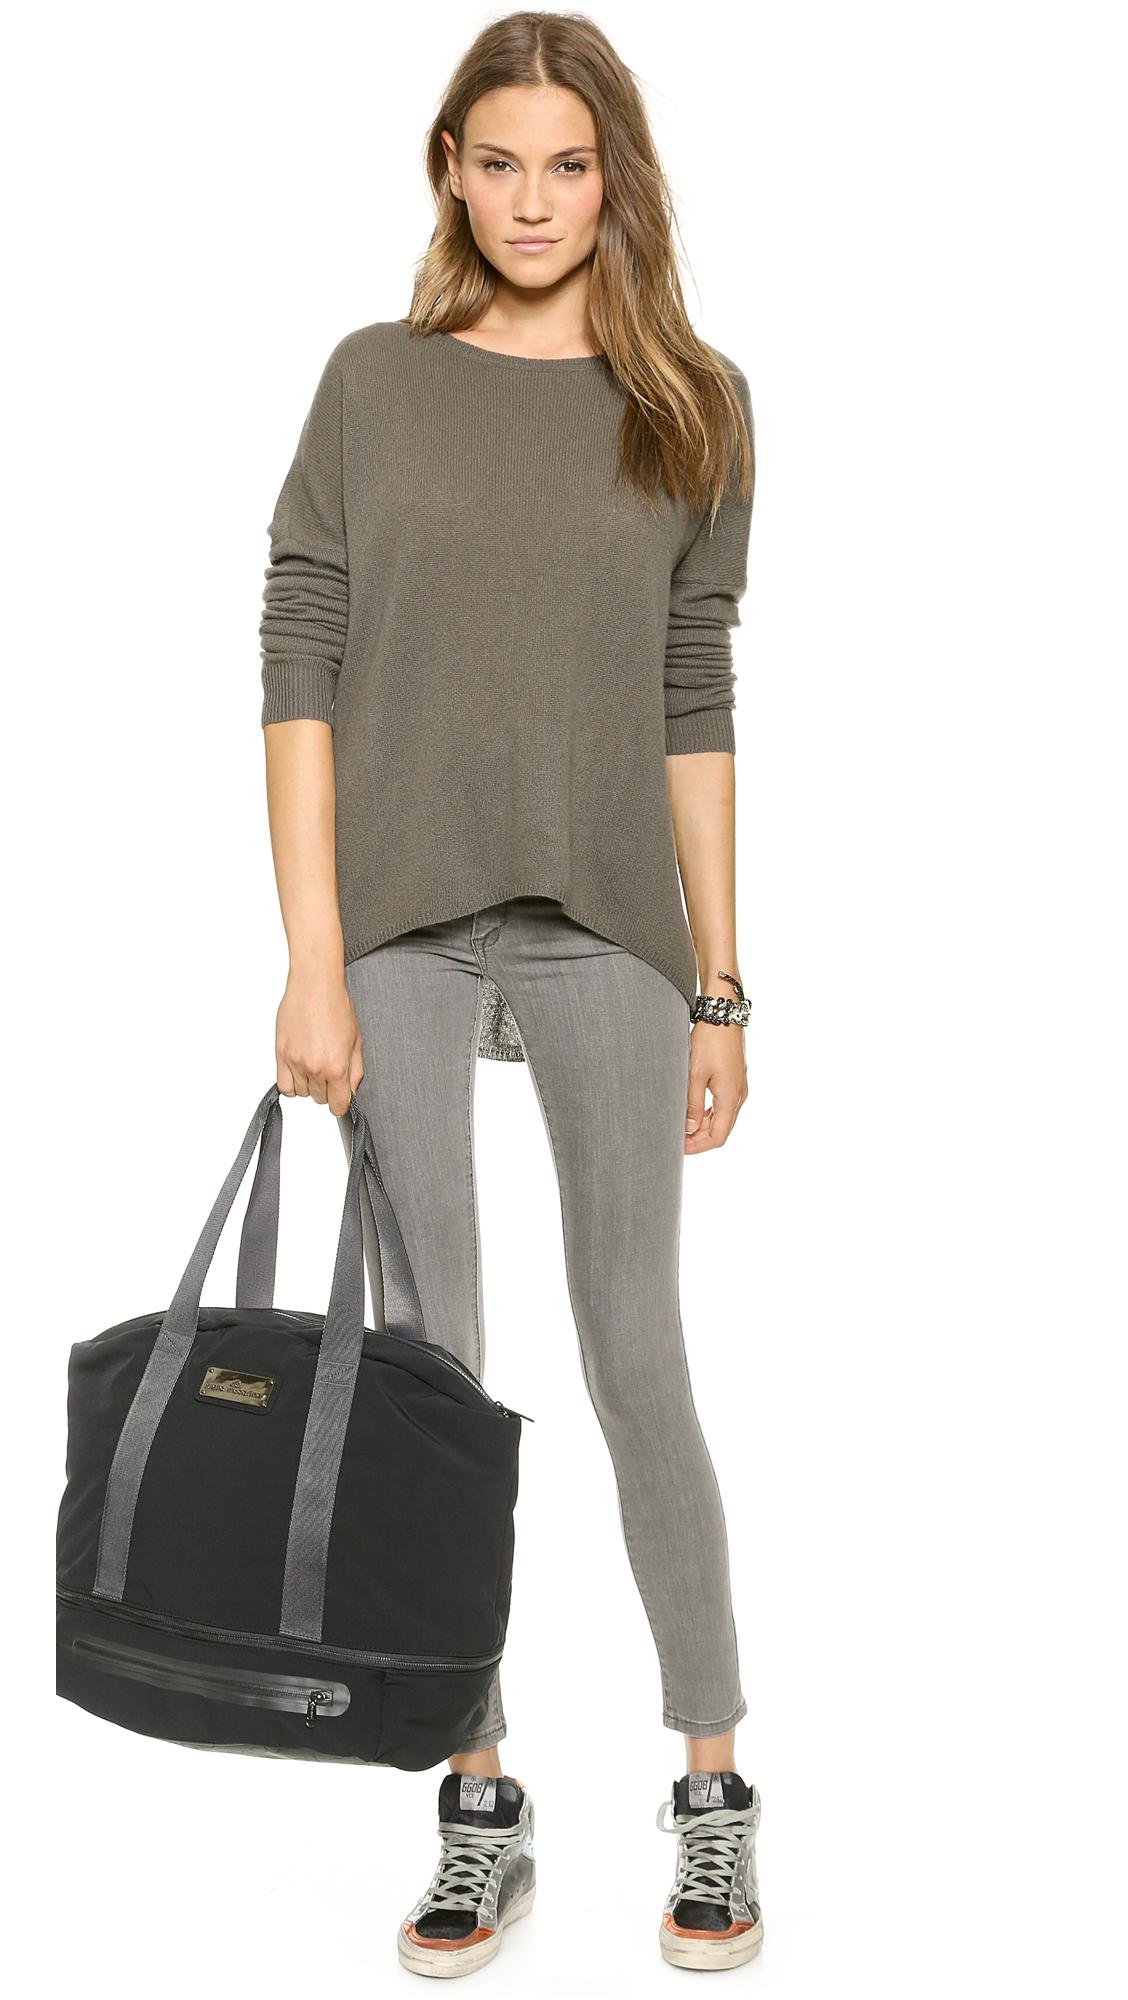 adidas by Stella McCartney Iconic Big Bag  79a09572d0f22